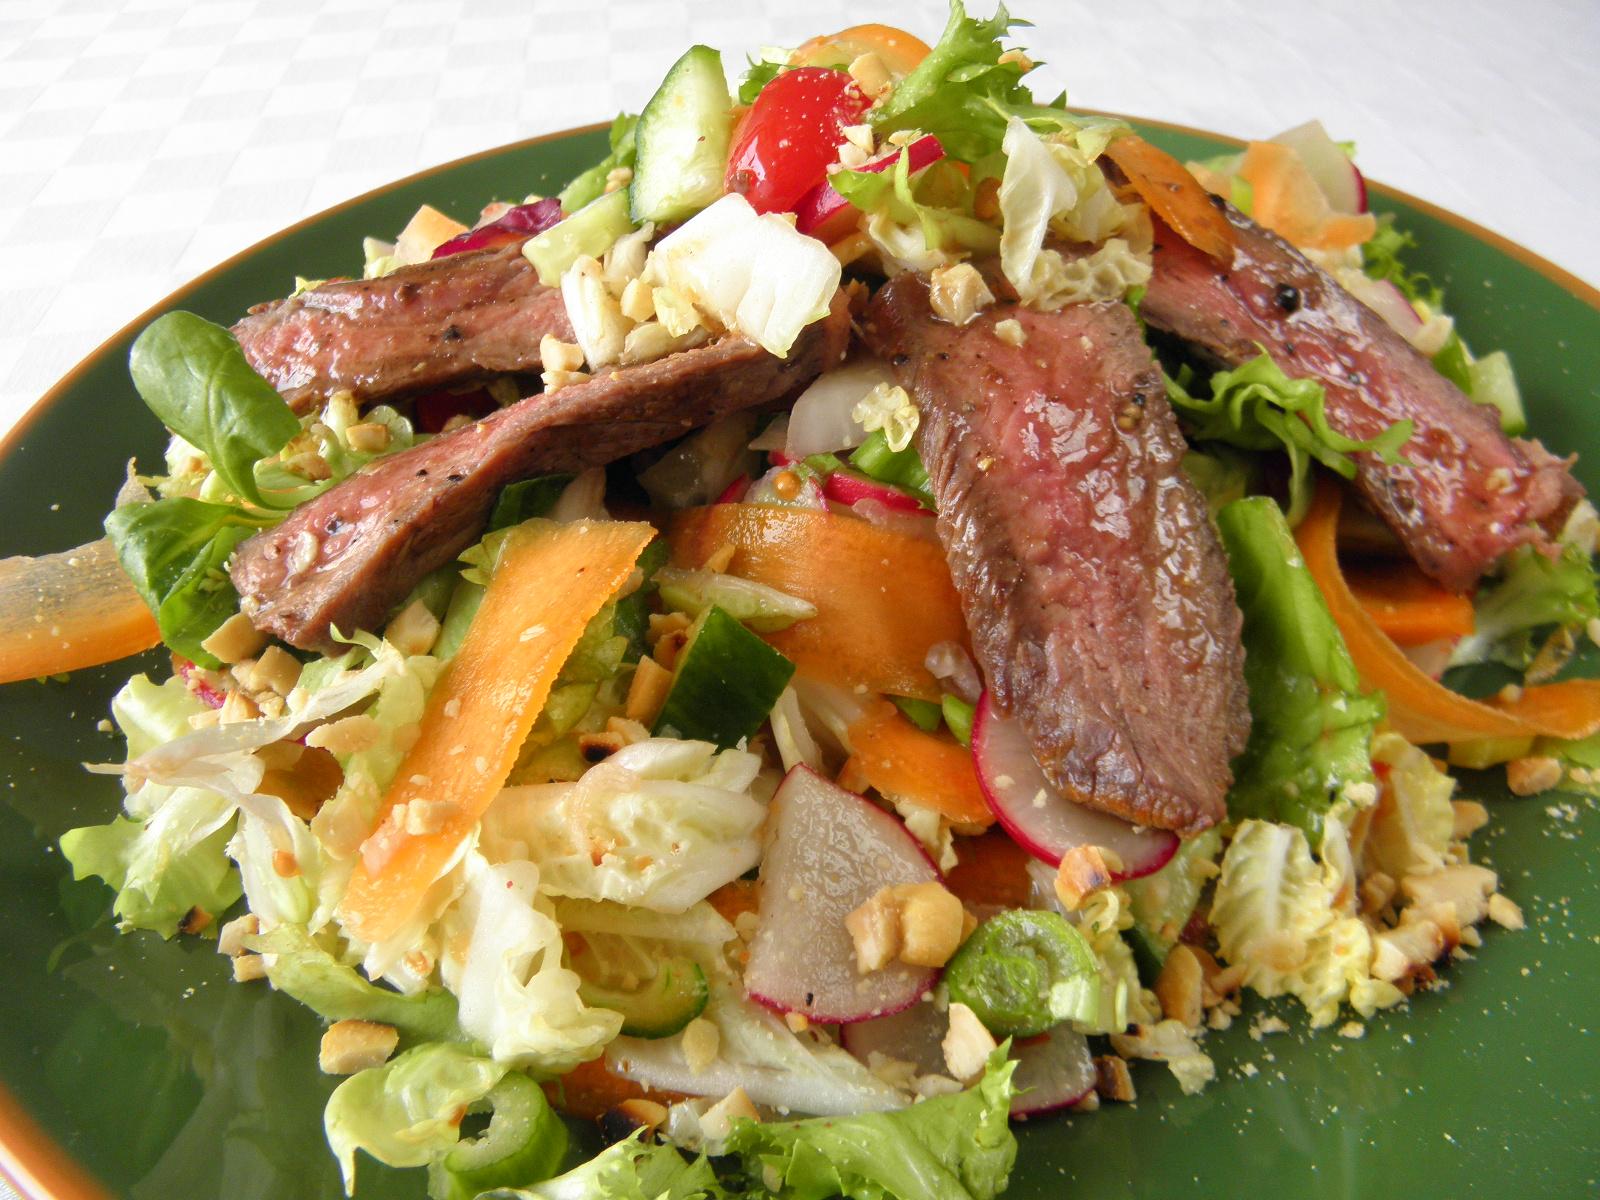 Pestrý salát s hovězím masem